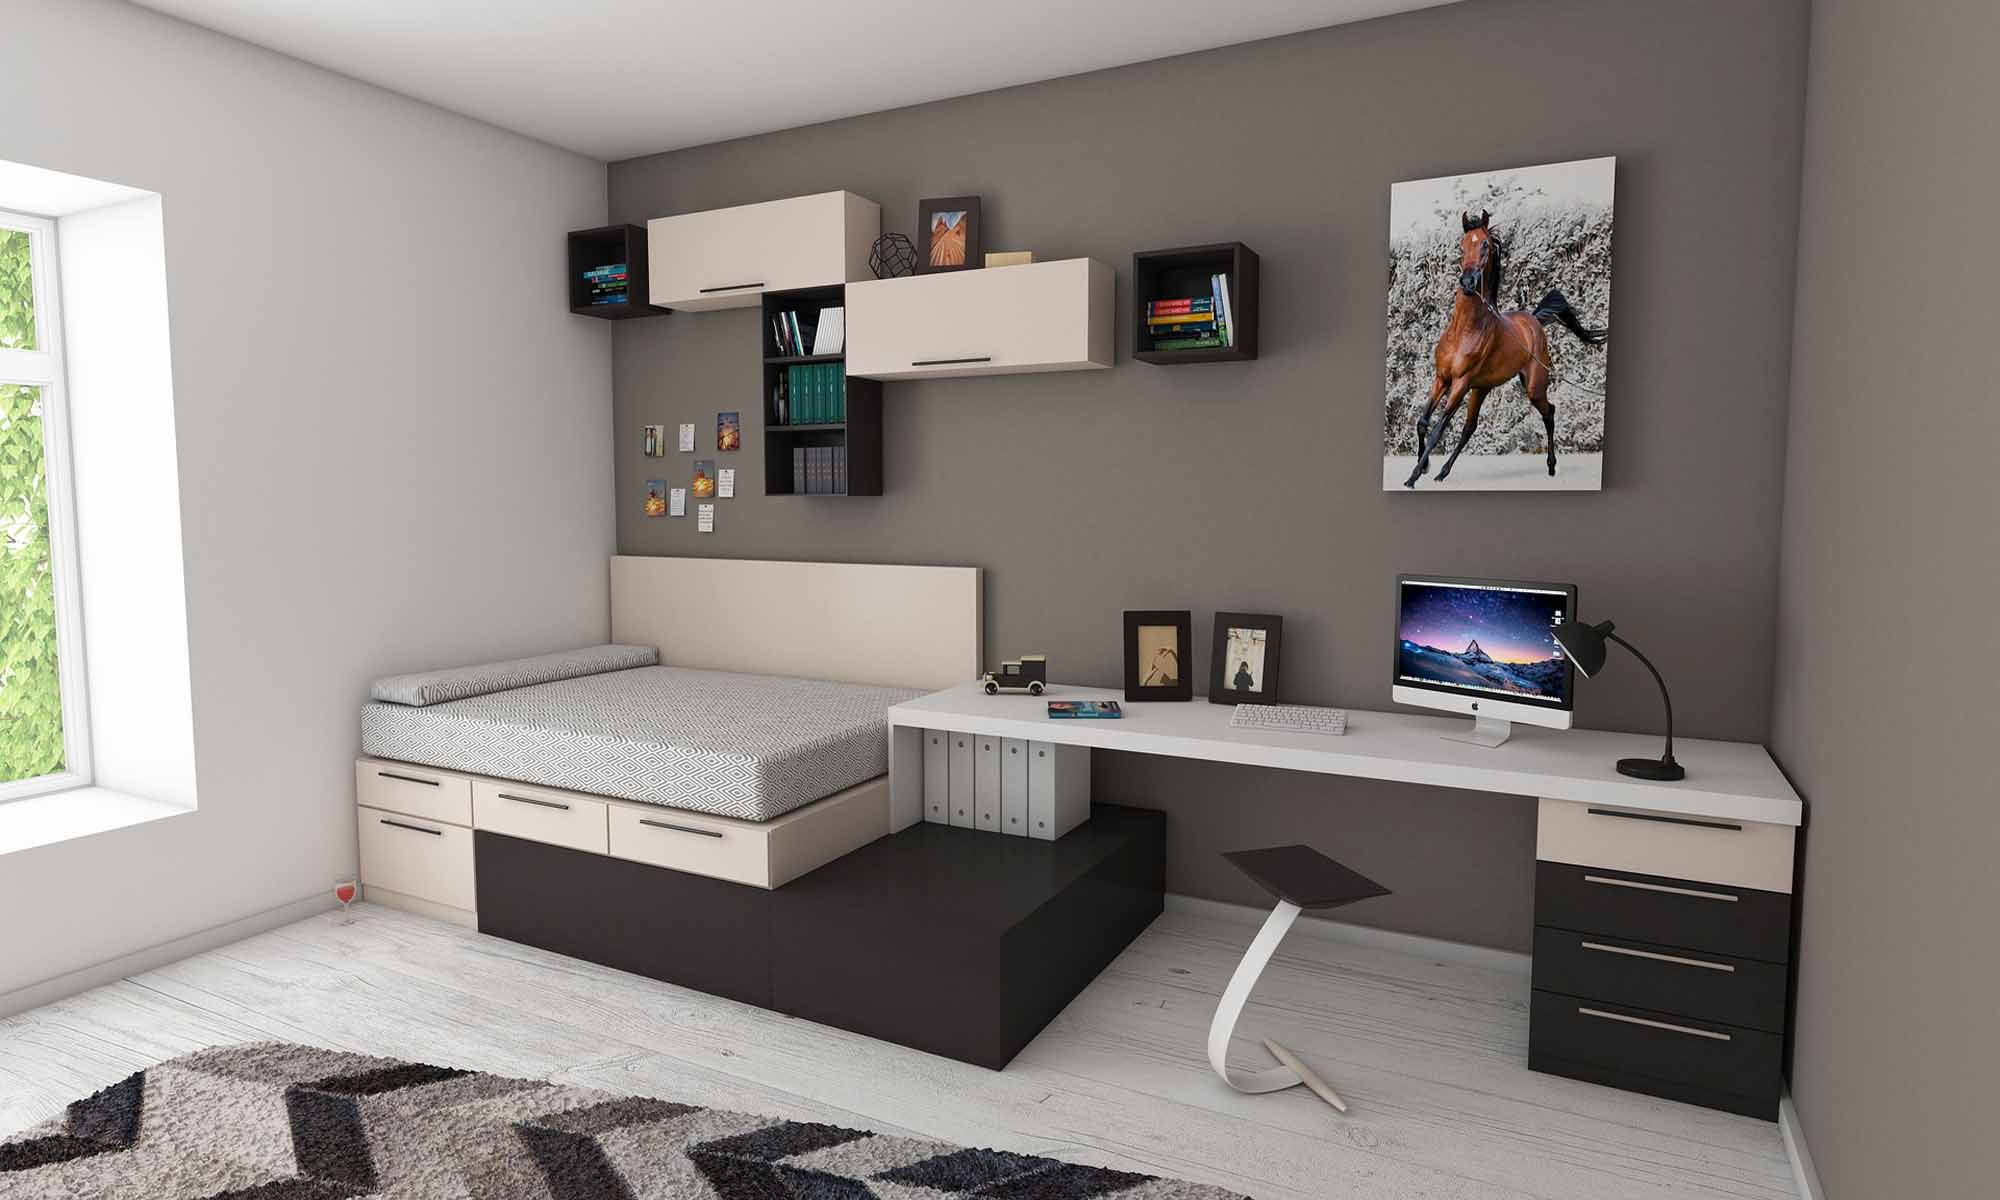 montage de meuble prestation parfaite rapide et soign e. Black Bedroom Furniture Sets. Home Design Ideas